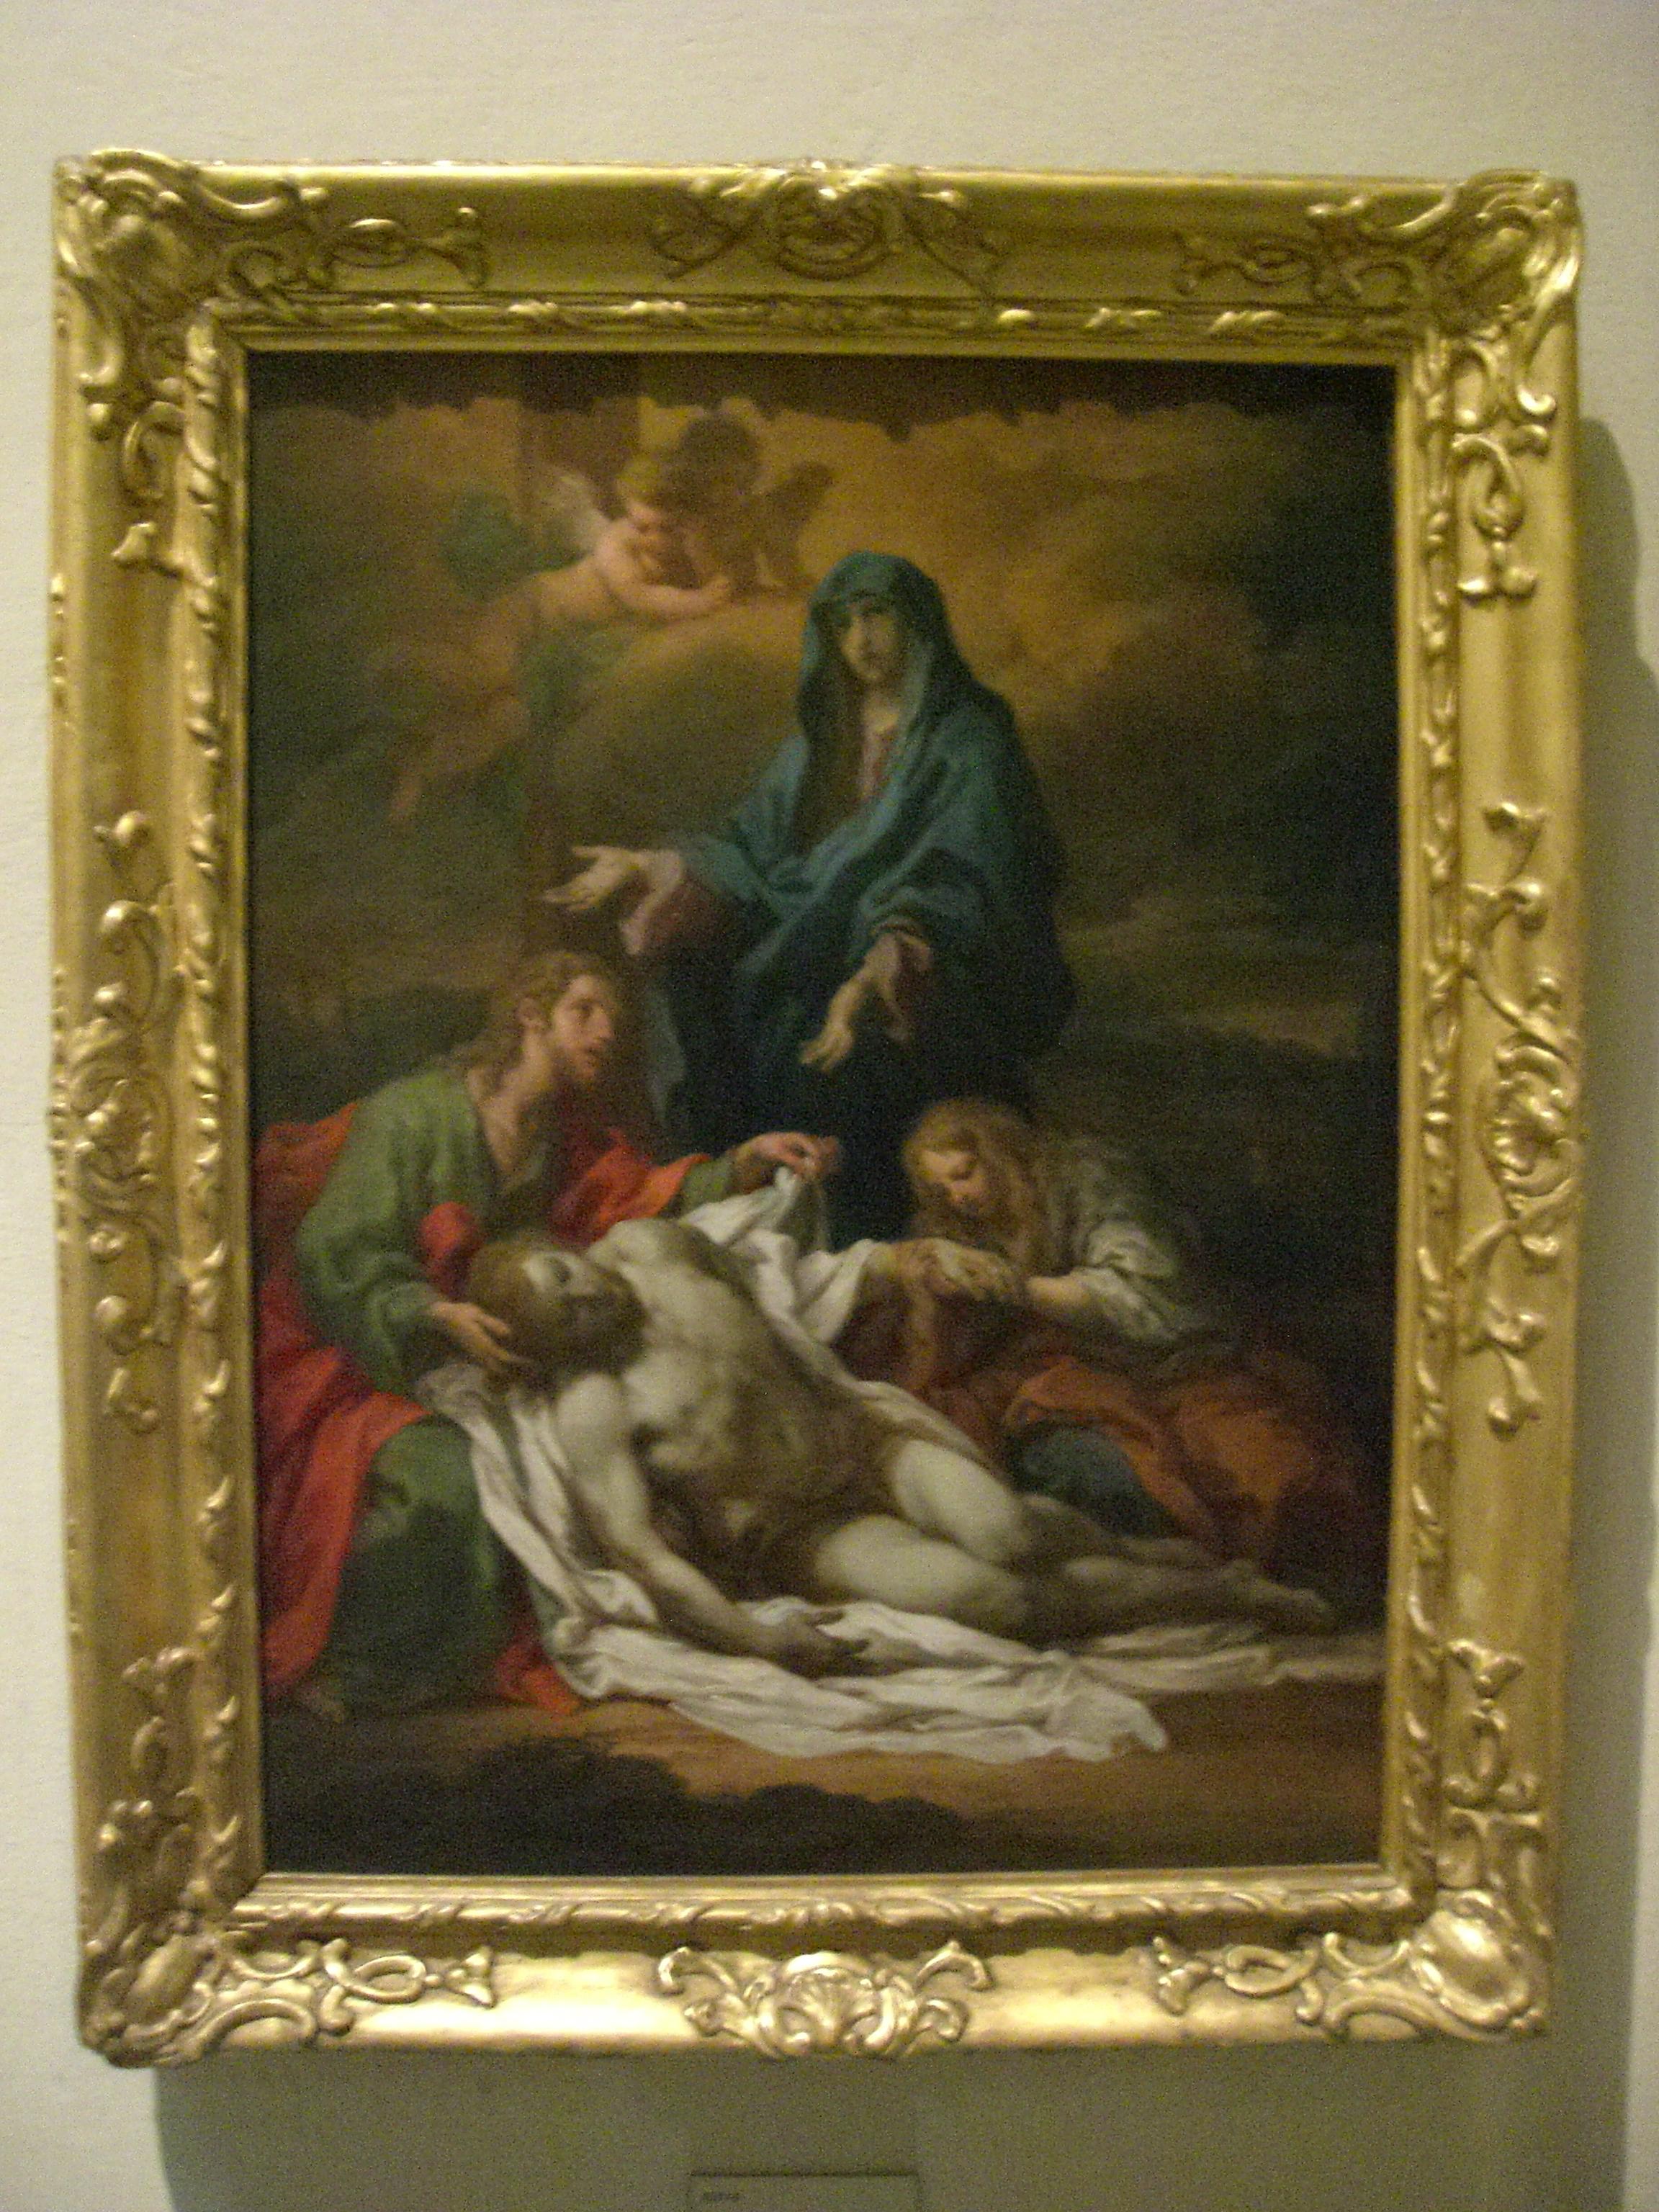 Vatican Museum Pinacoteca (Art Gallery): Jesus' Body is ...